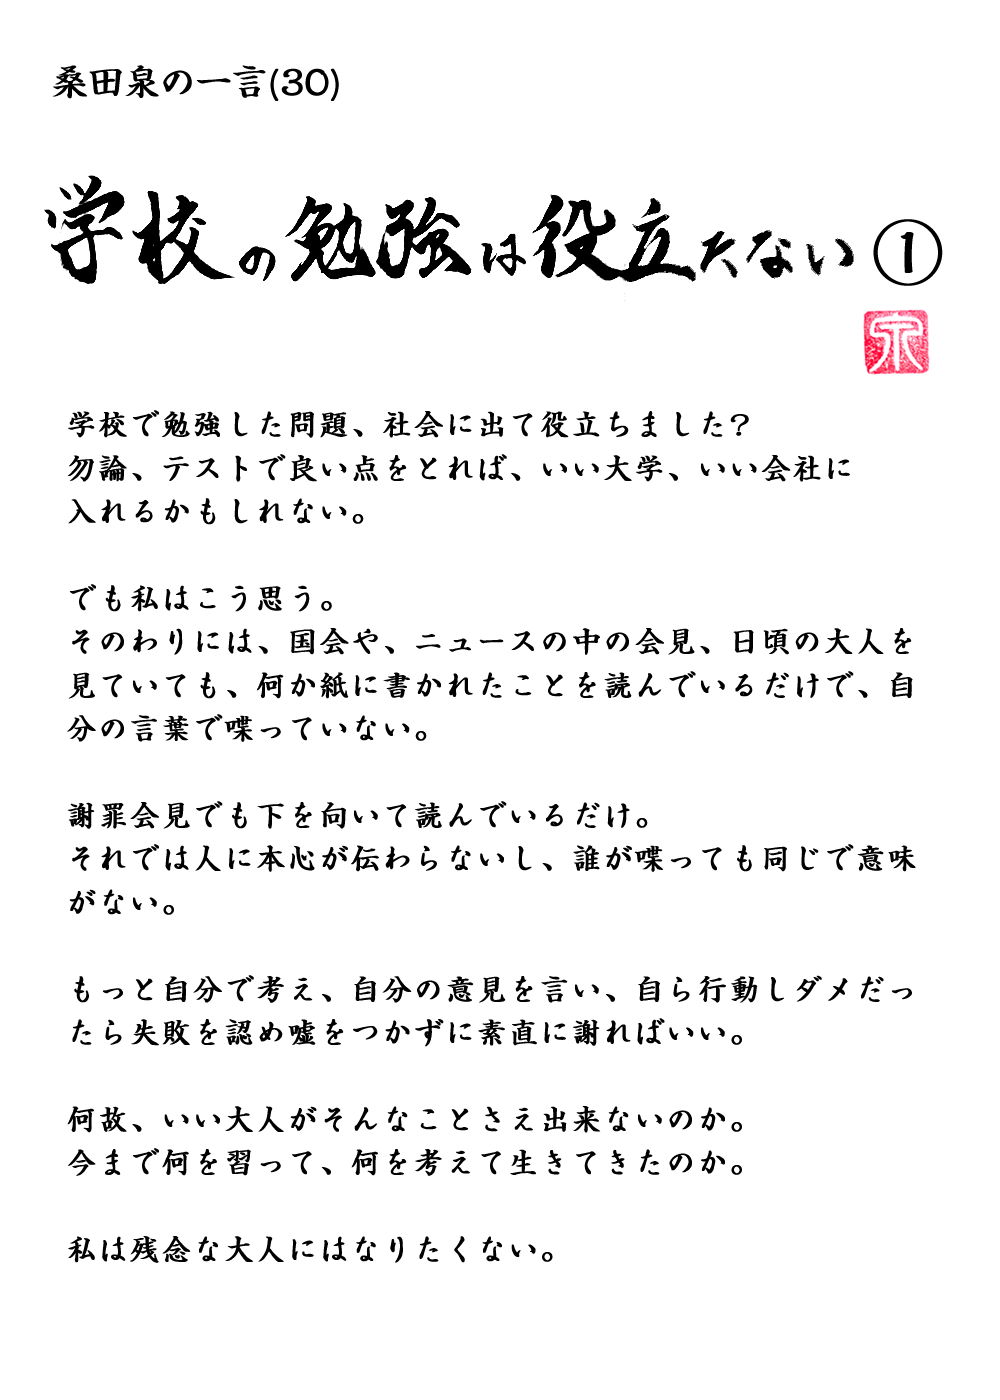 桑田の一言 「学校の勉強は役に立たない(1)」 30_20180721